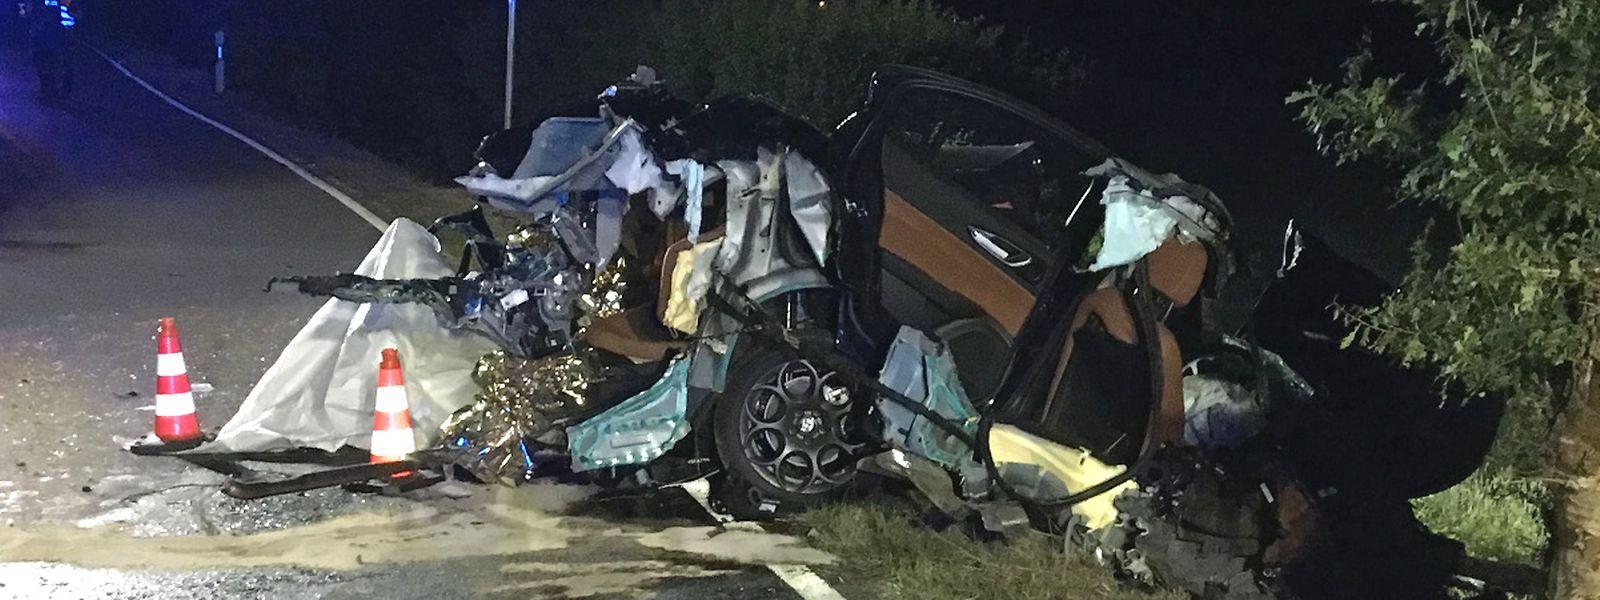 Die 36-jährige Beifahrerin konnte im Juni 2017 nur noch tot aus dem Fahrzeugwrack geborgen werden.